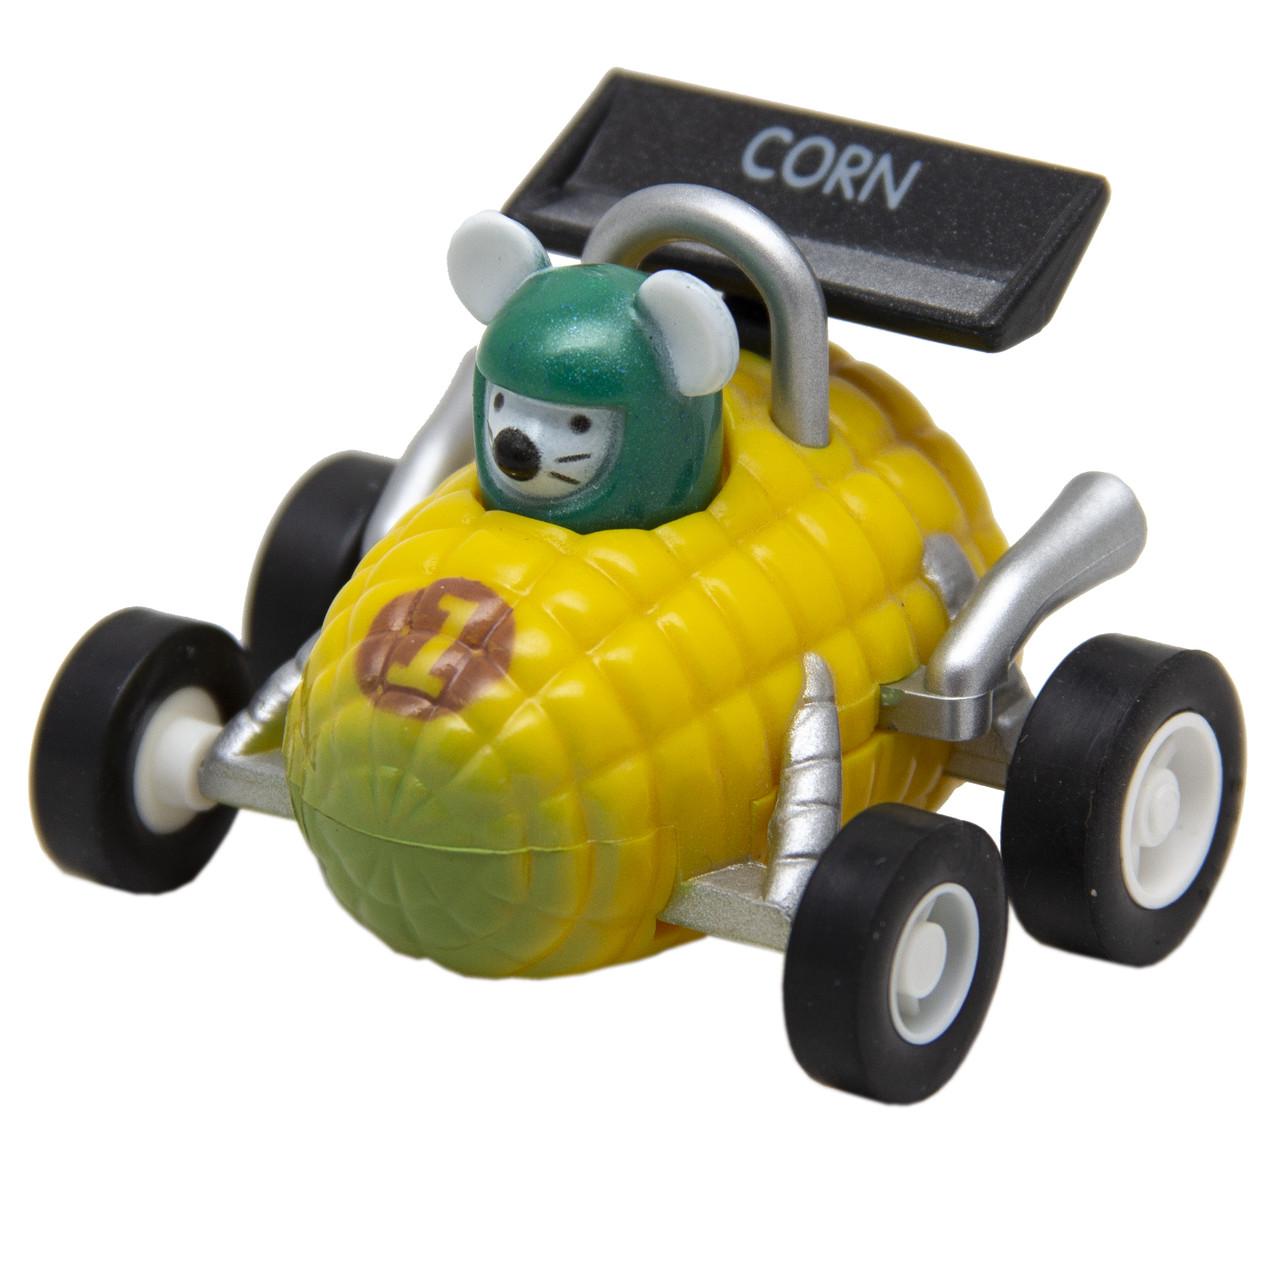 Мышонок-гонщик инерционный Aohua машинка в форме кукурузы 4,5 см, пластик. (MR-12C-7)